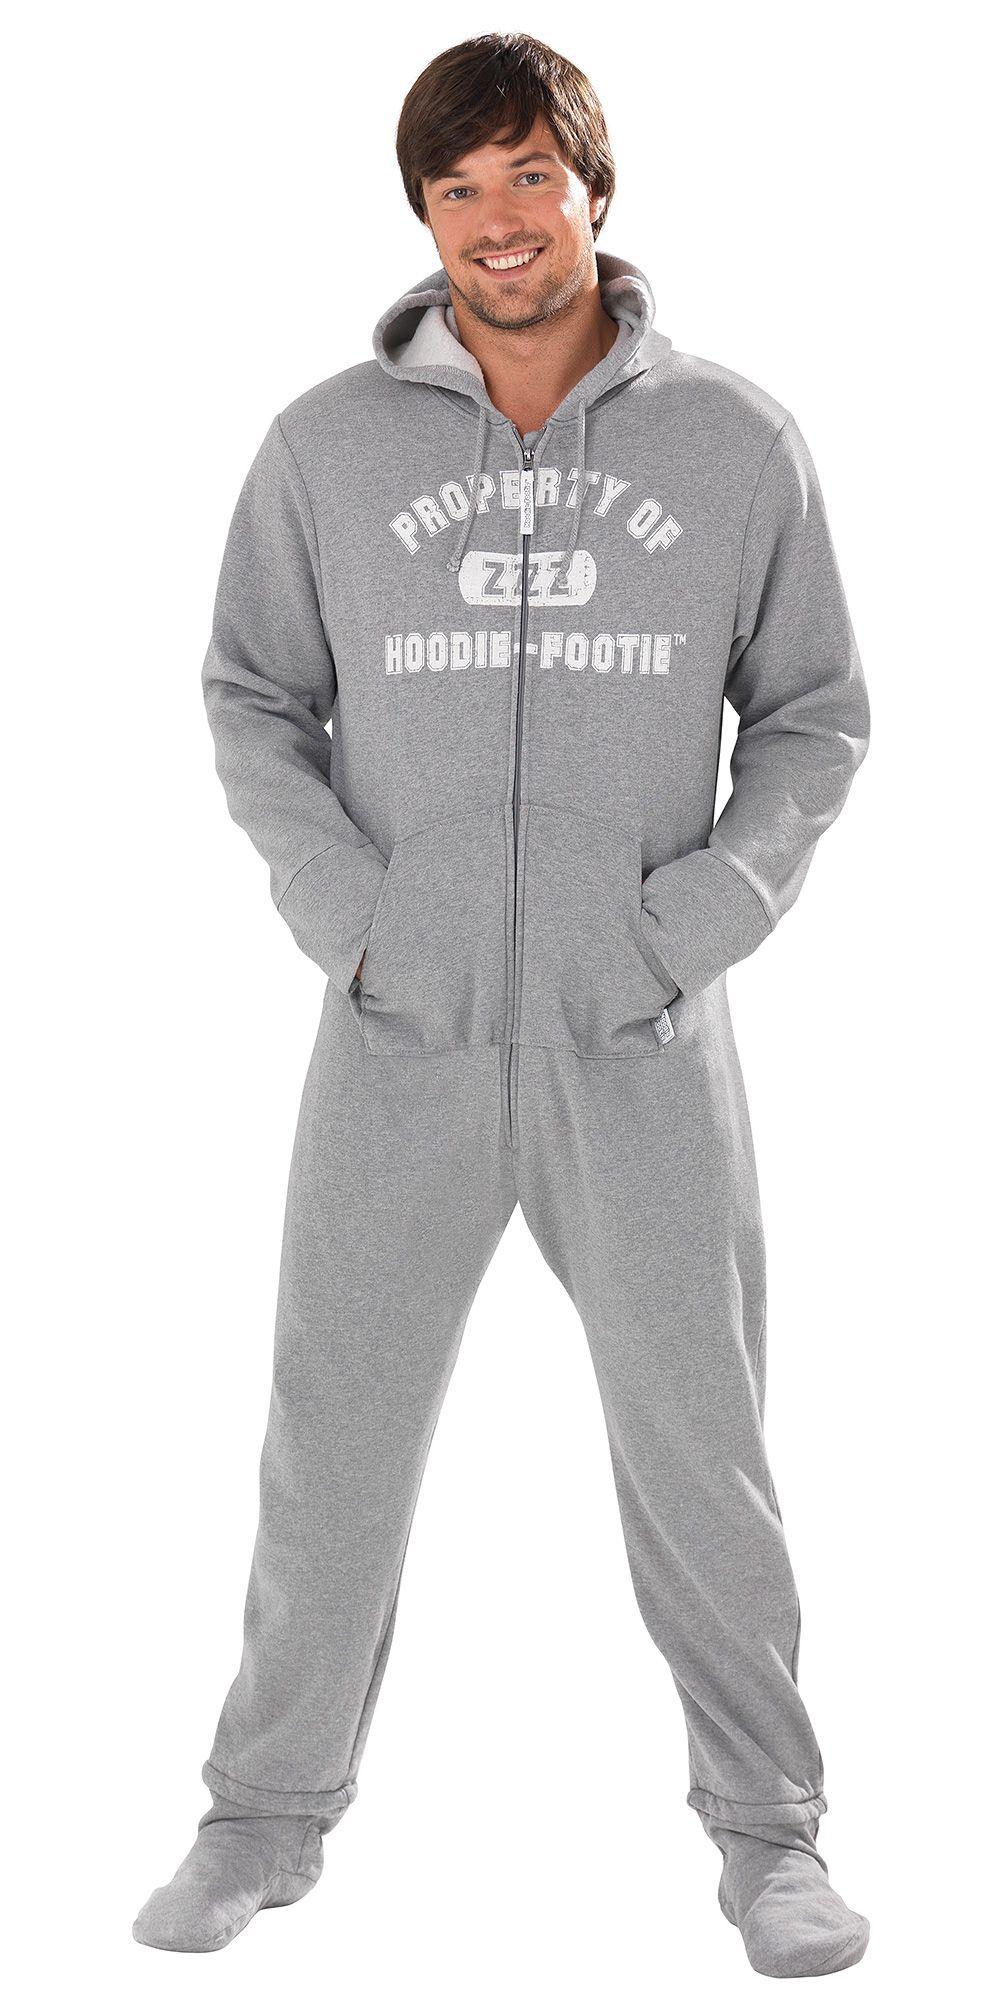 Hoodie-Footie™ for Men - Gray Varsity from PajamaGram.  79.99  HoodieFootie   Men  Pajamas 848995a305